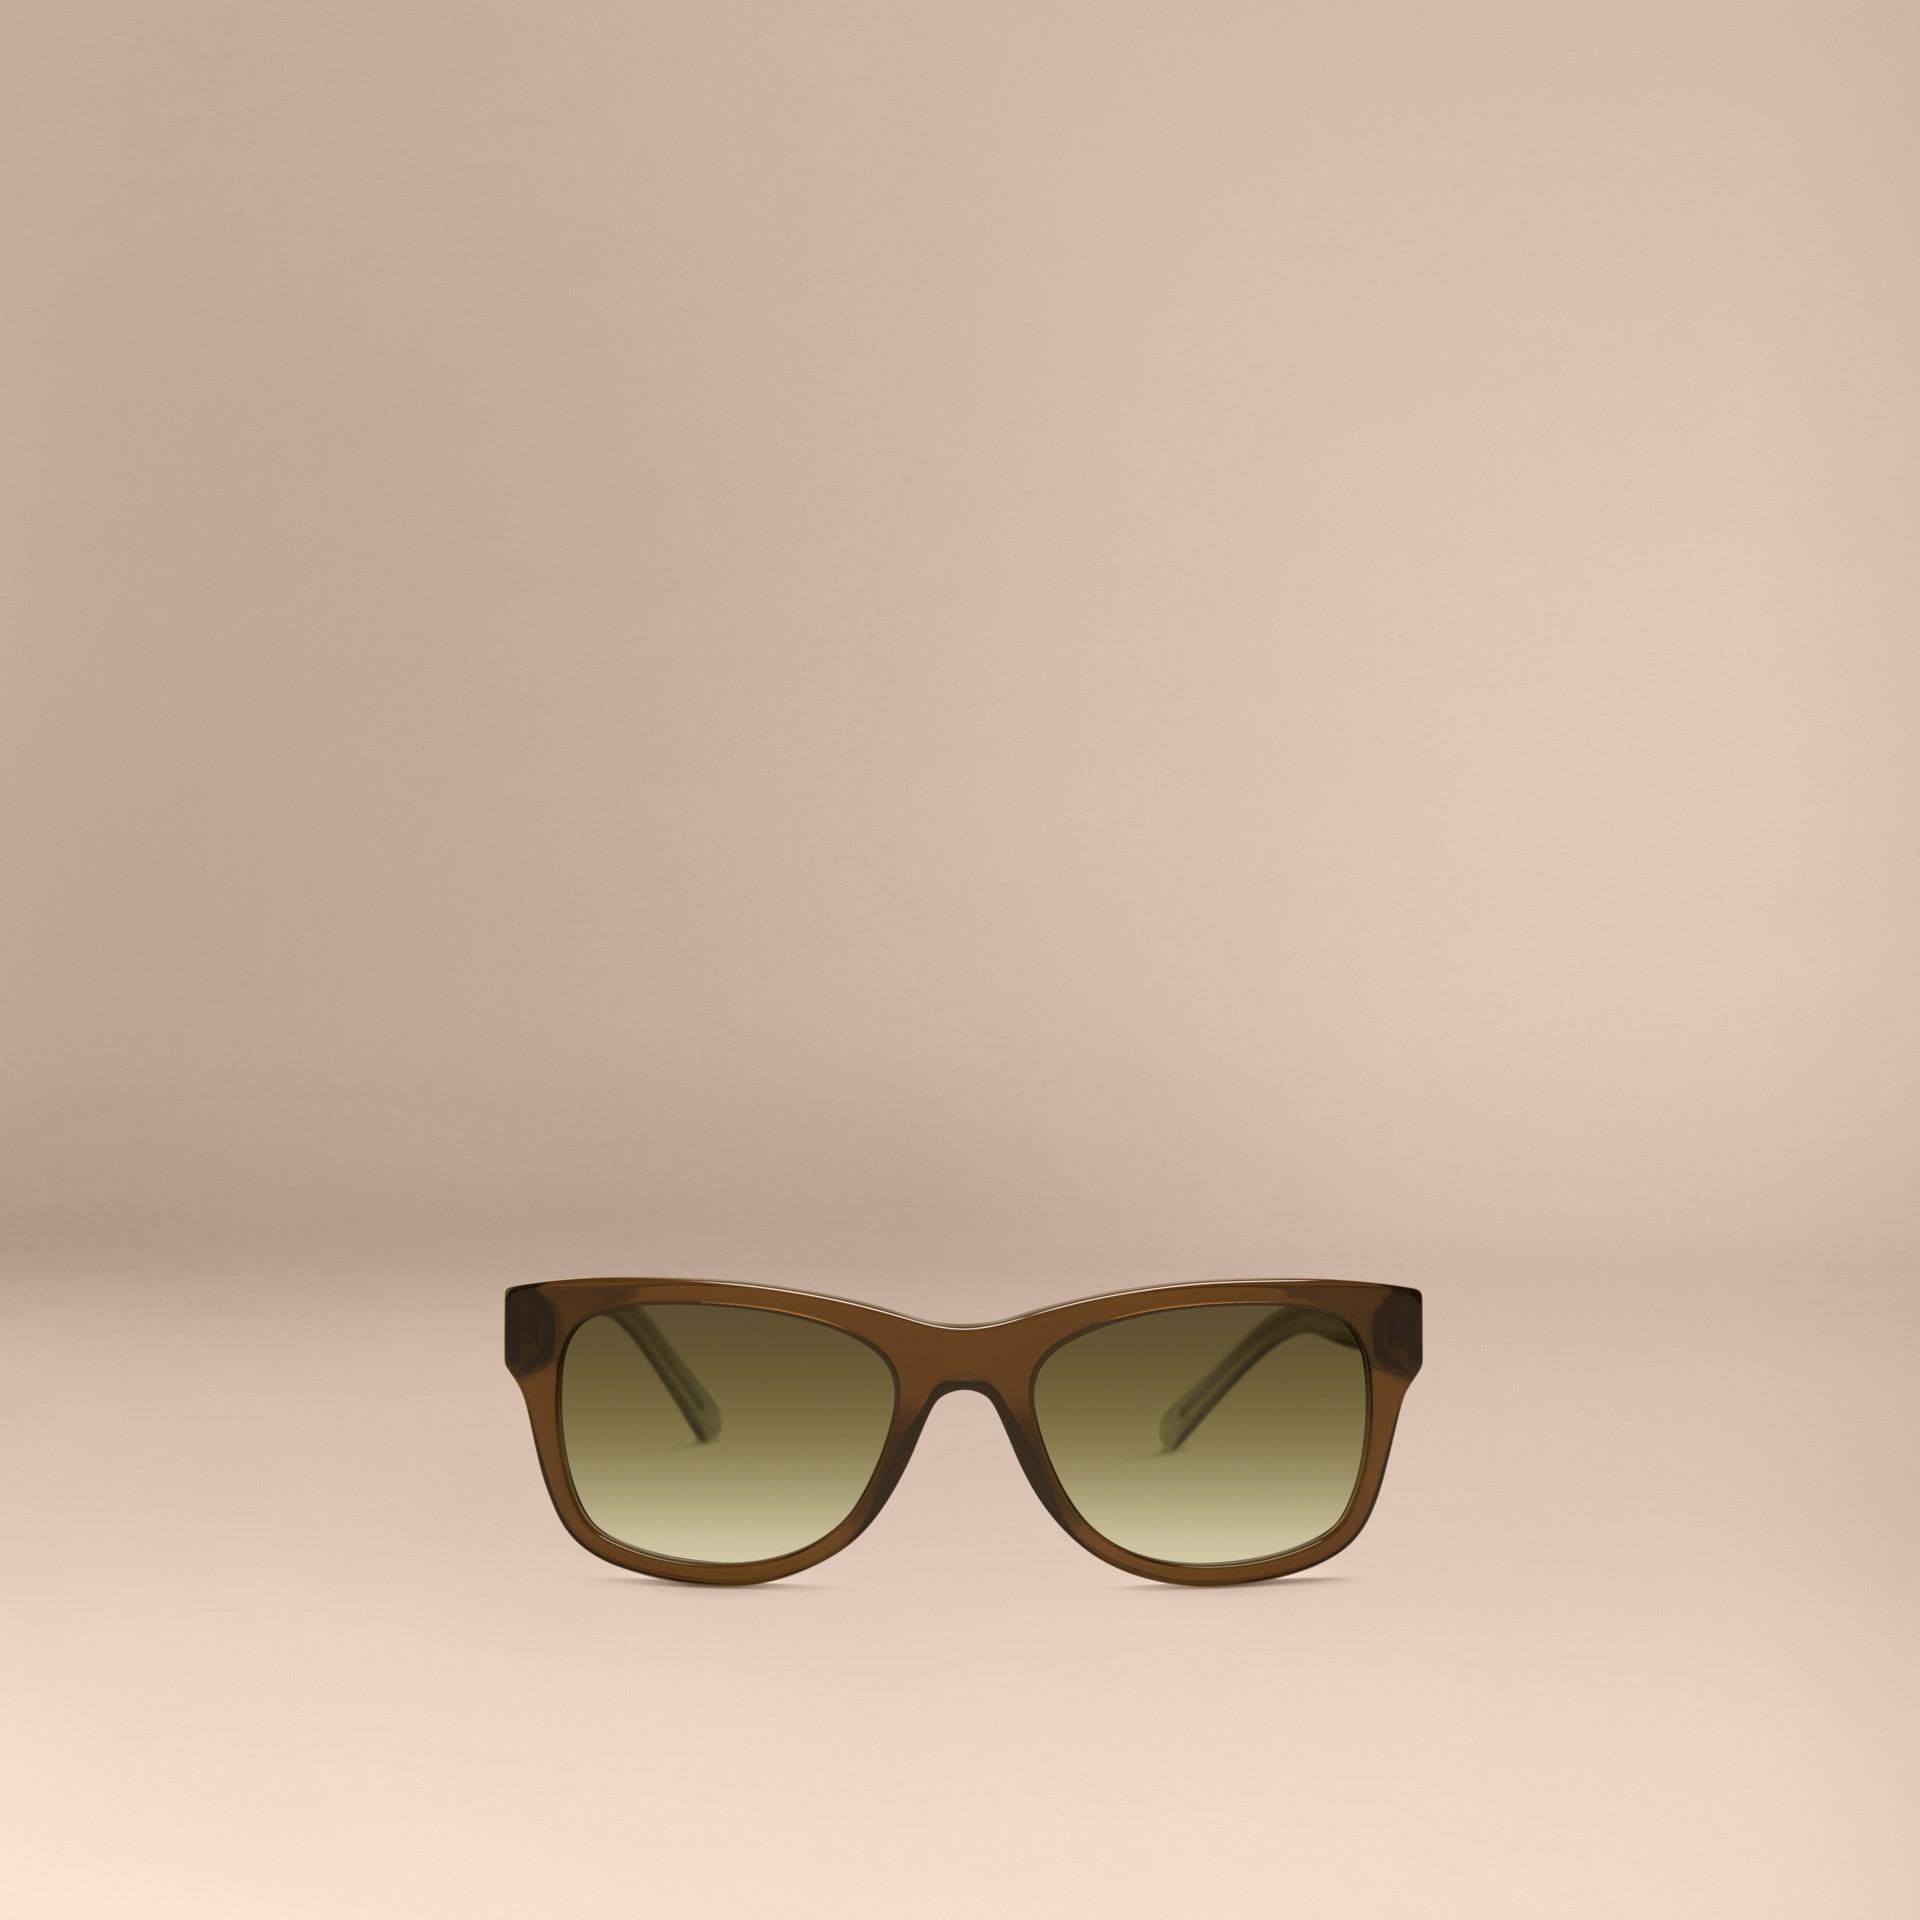 Оливковый Квадратные солнцезащитные очки с тиснением в клетку - изображение 3